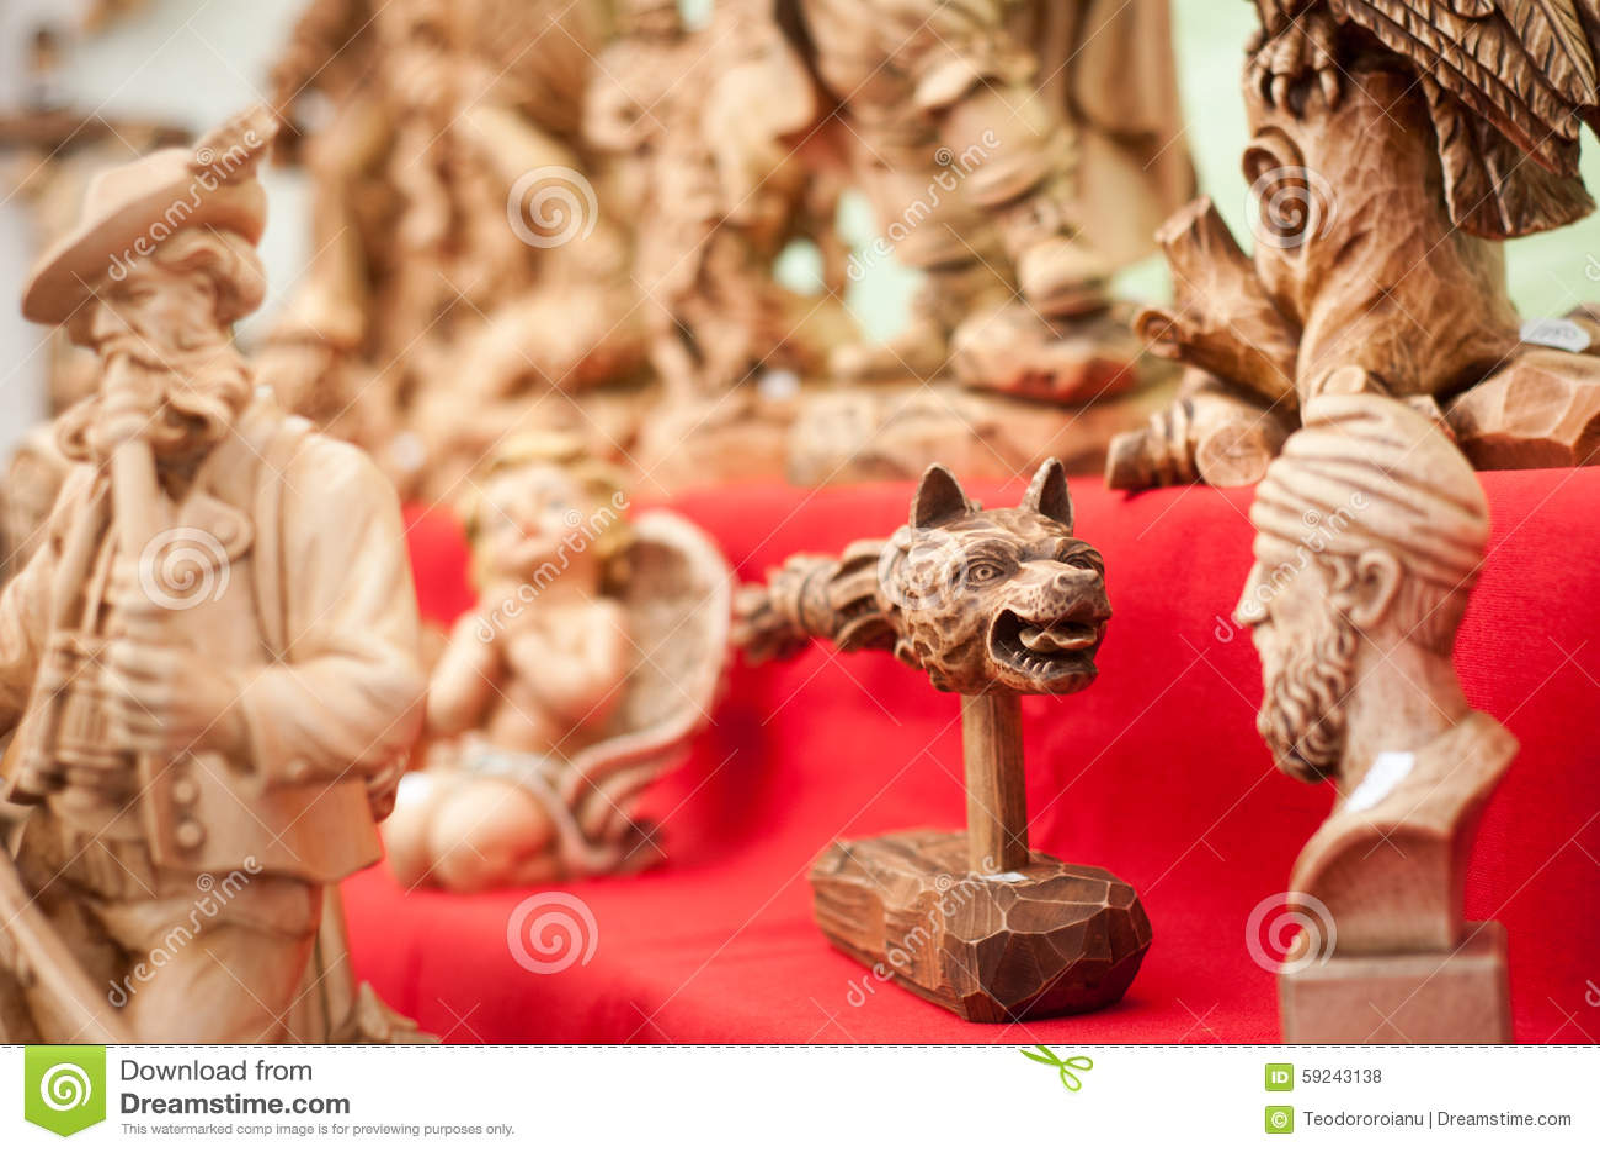 Esculturas de madera tradicionales